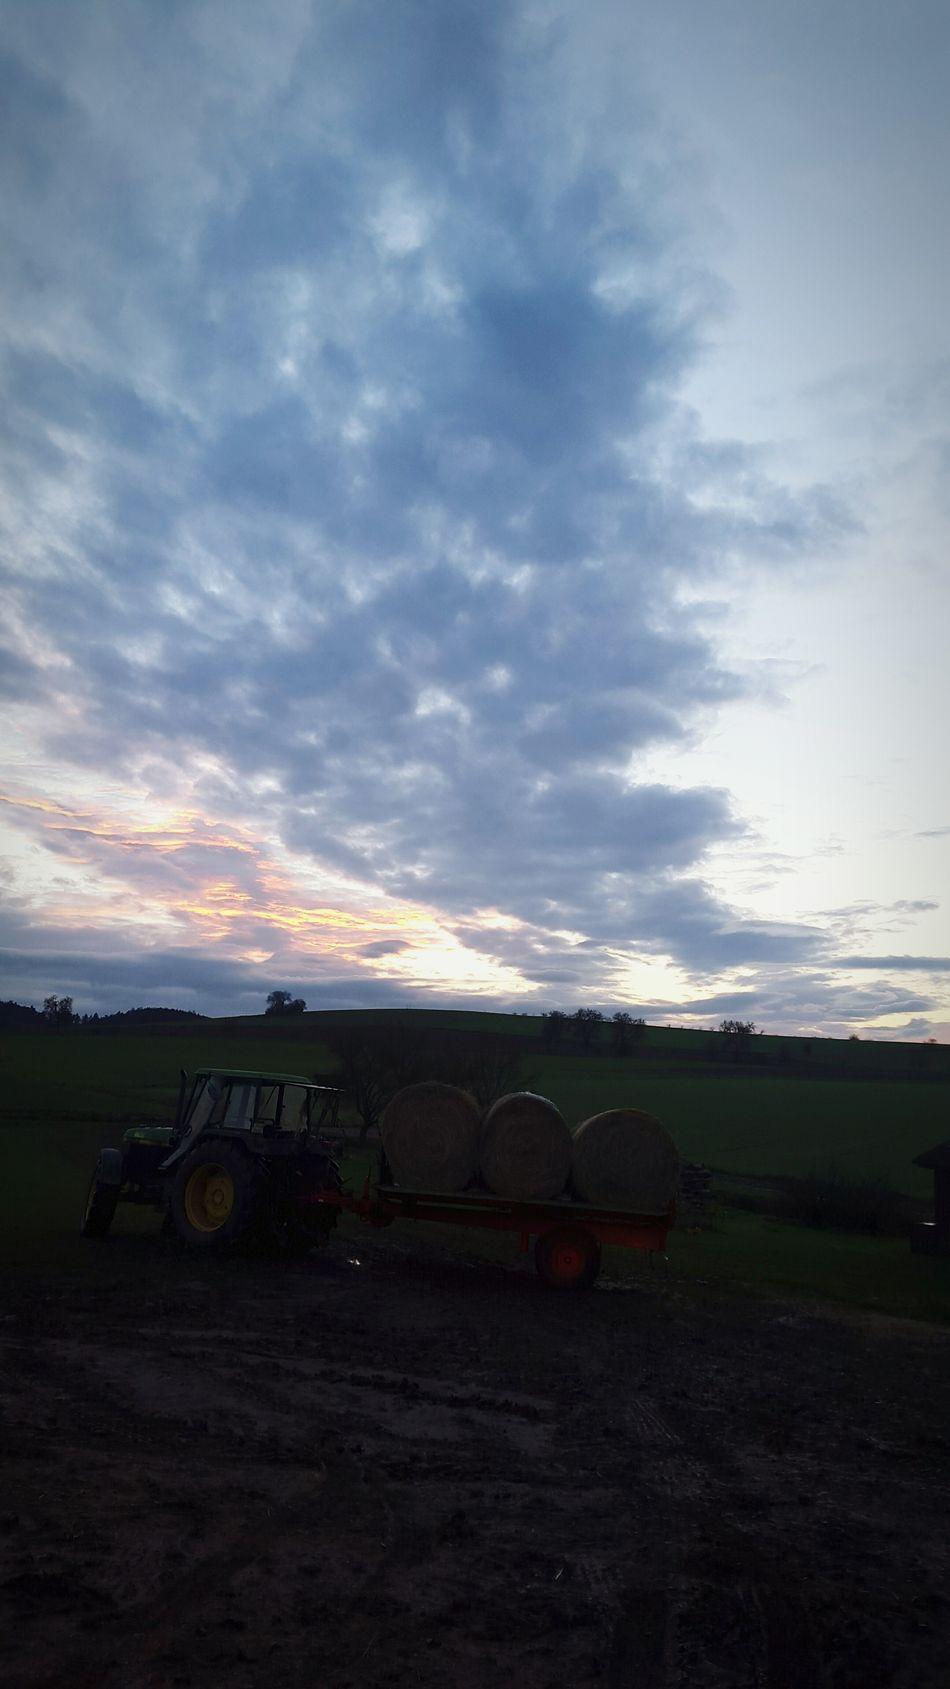 🌞🚜 Schlepper Traktor Bulldog Himmel Ballenfahren Genießen